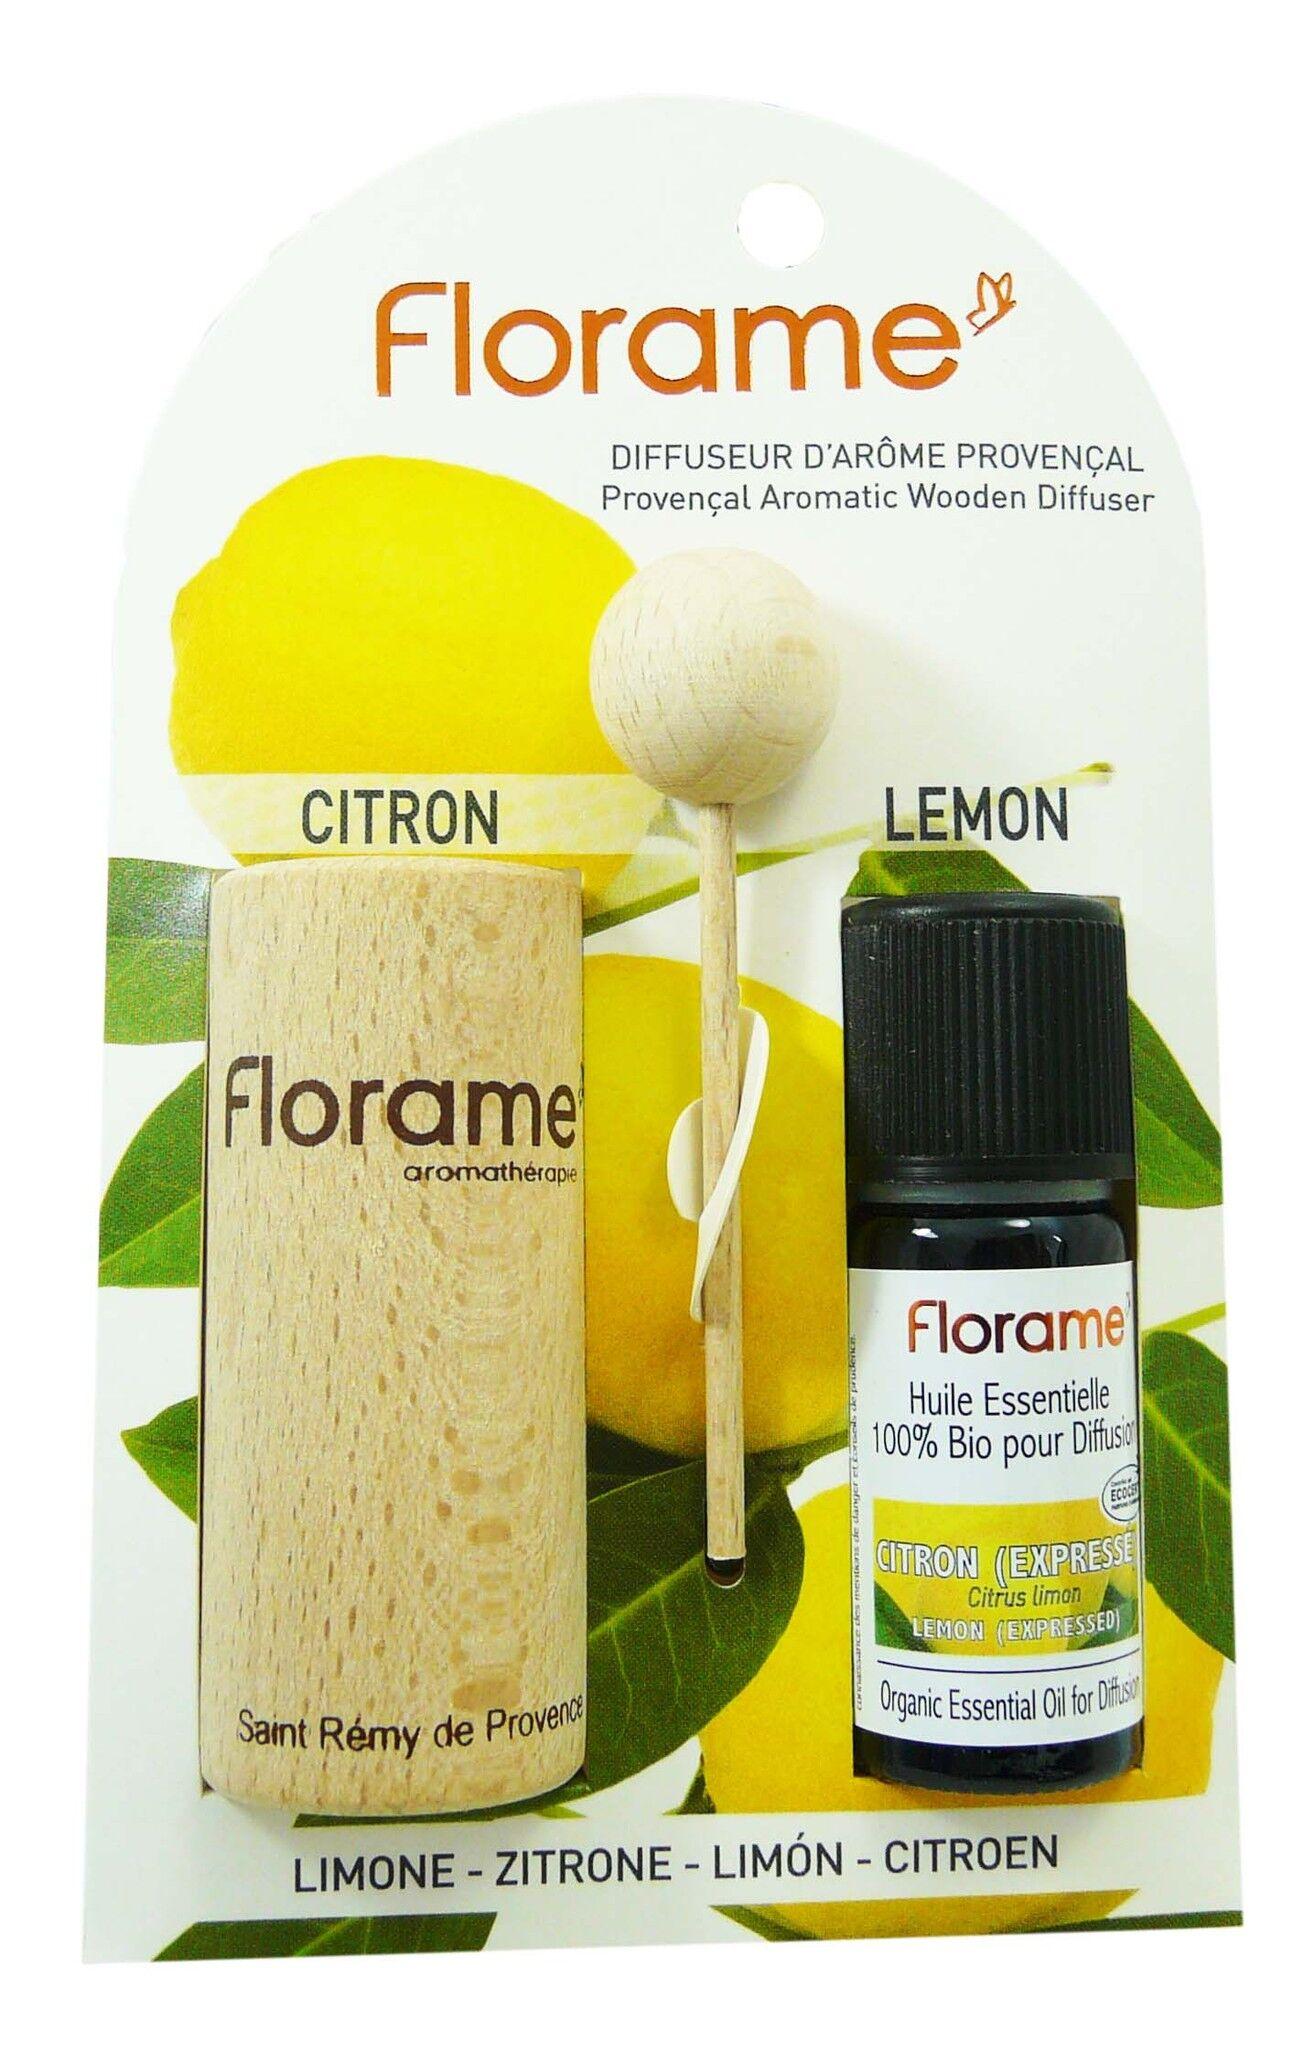 Florame diffuseur d'arome provencal citron